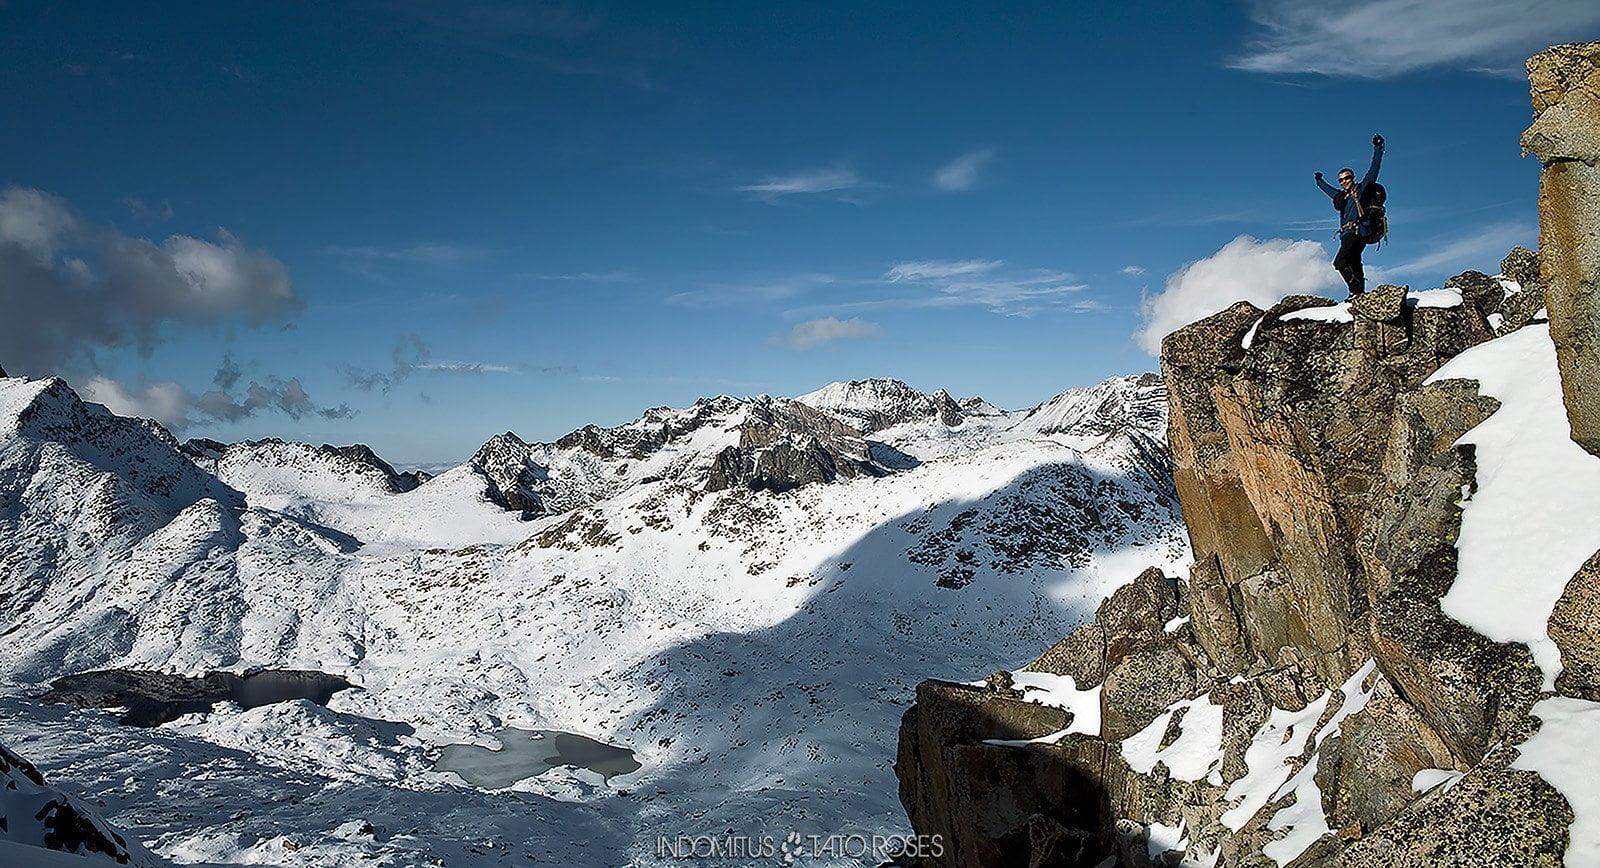 Pirineos Indomitus Tato Rosés 72